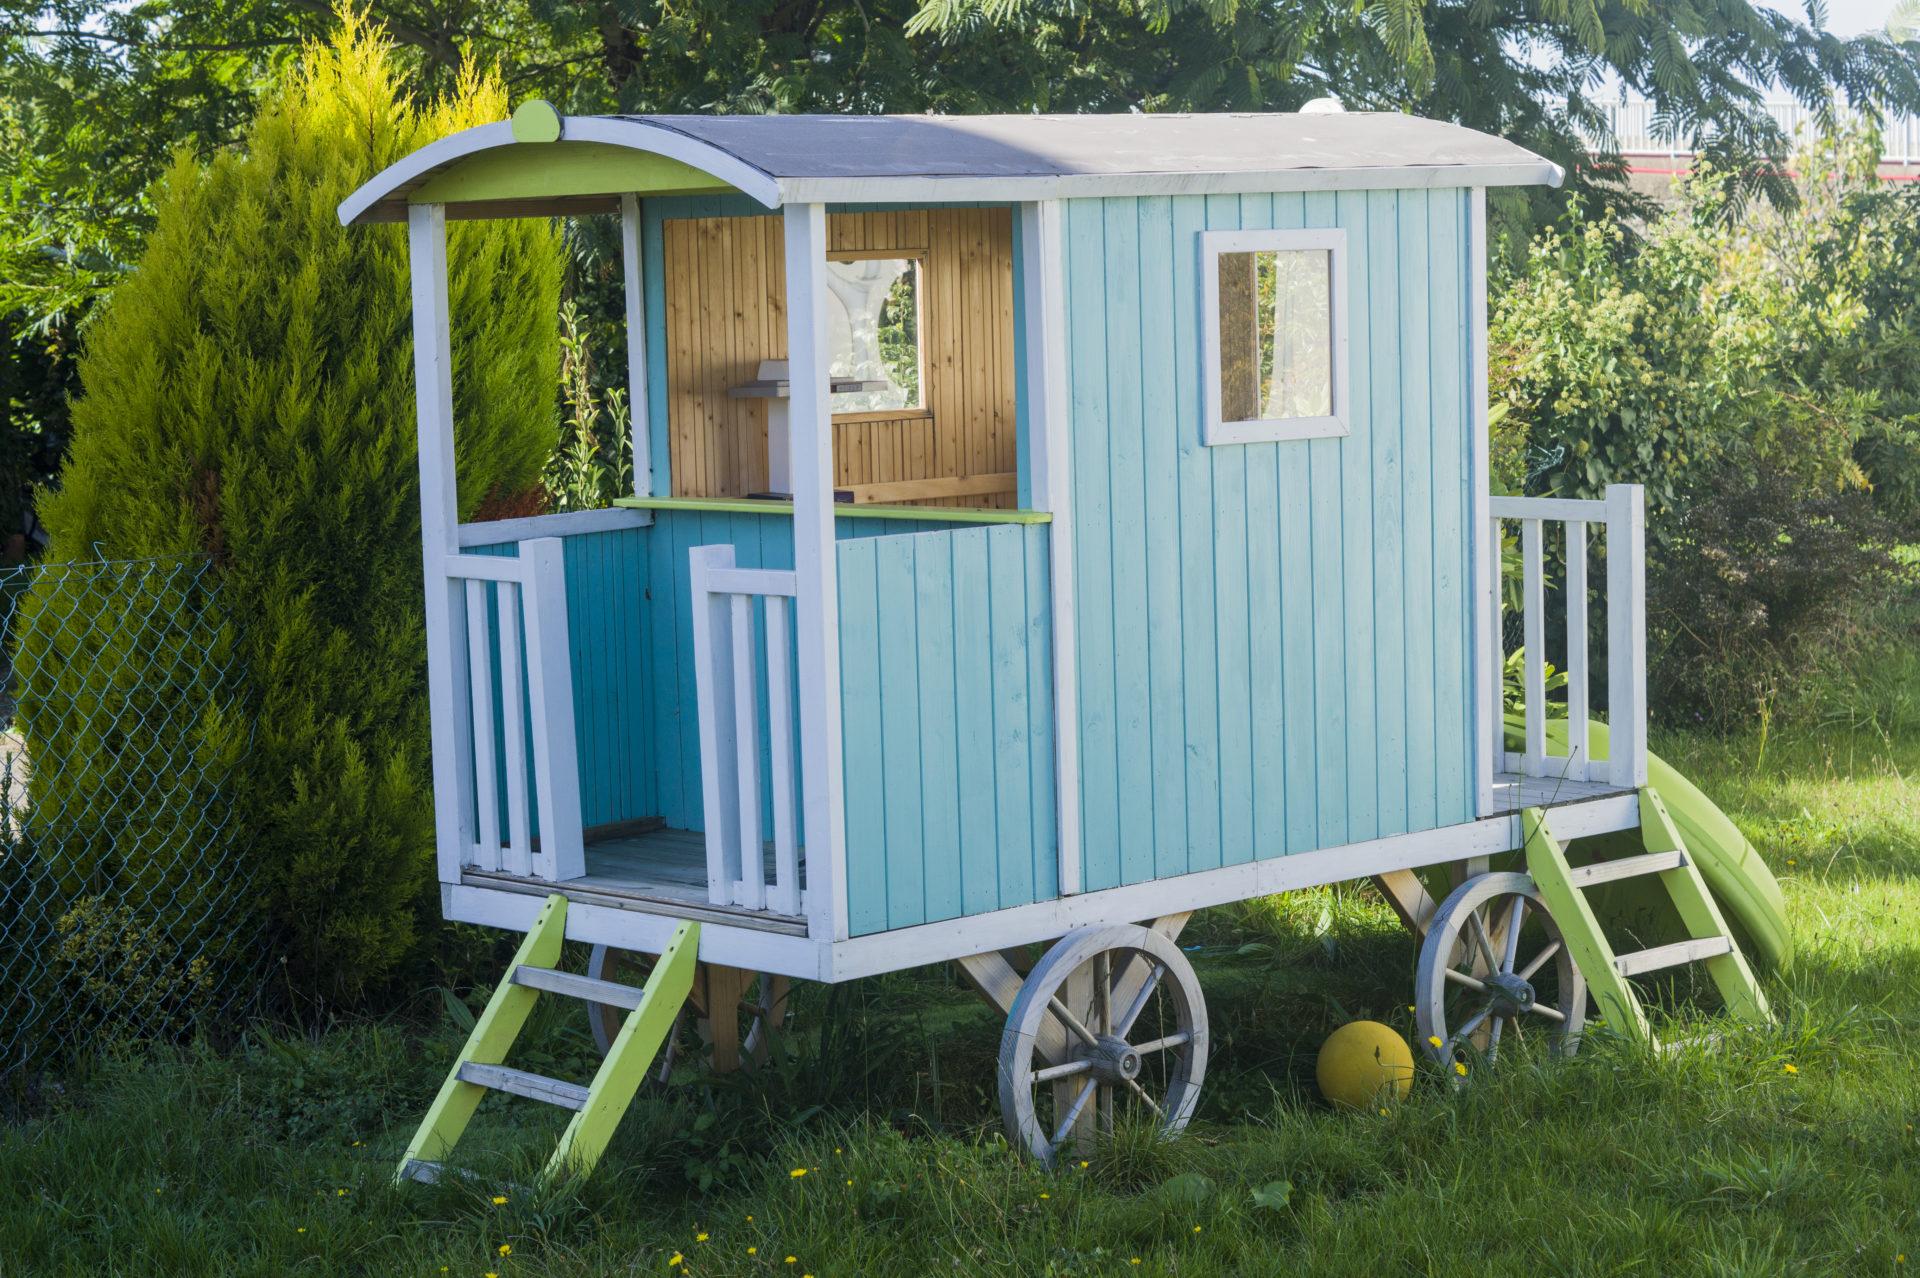 Cabane En Bois Pour Enfant, Cabane Jardin Enfant - Acheter ... encequiconcerne Maison De Jardin Pour Enfants